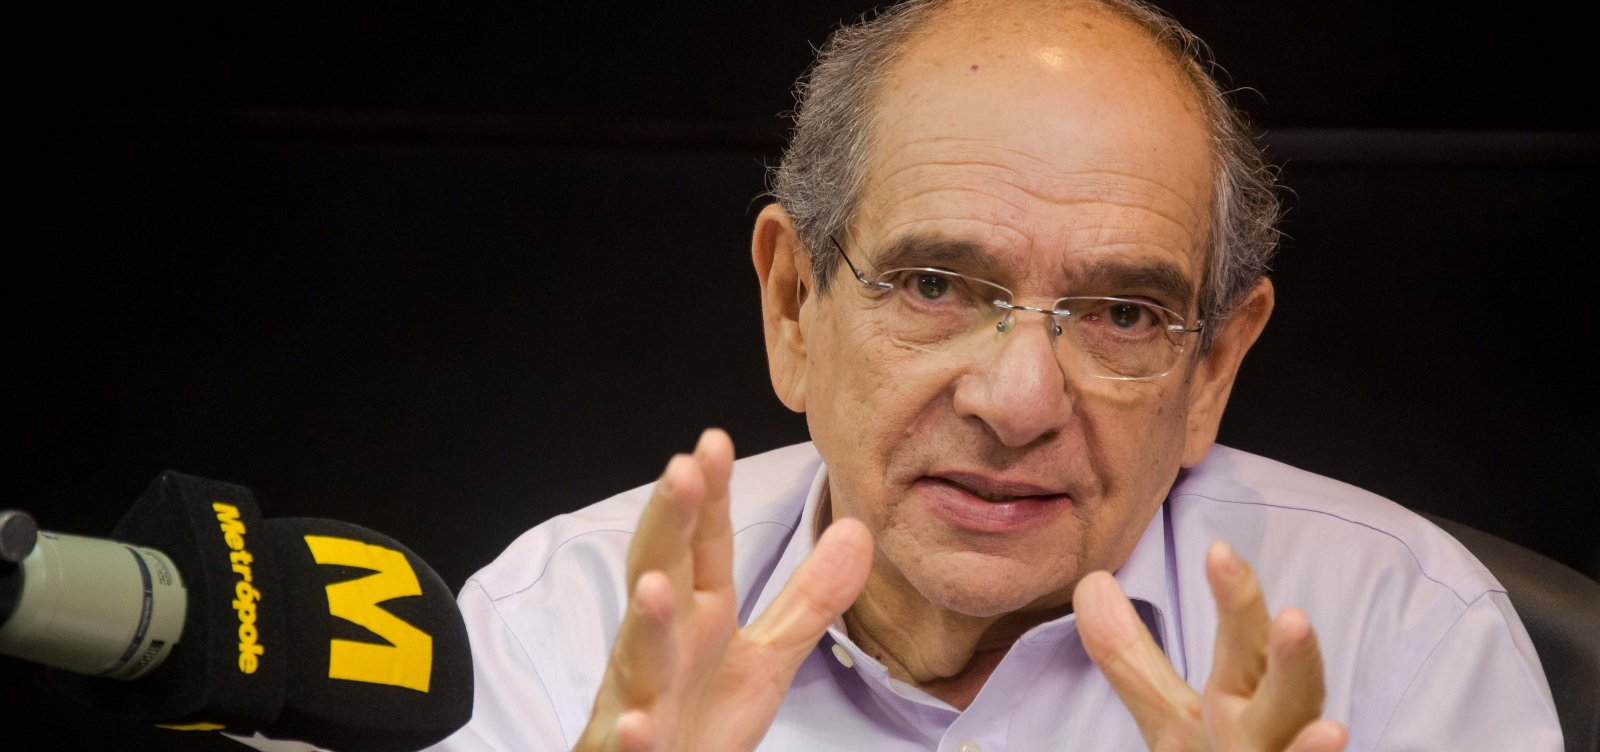 [MK sobre vitória de Bolsonaro: 'Faremos oposição naquilo que não estiver certo e aplaudiremos o que for positivo'; veja]